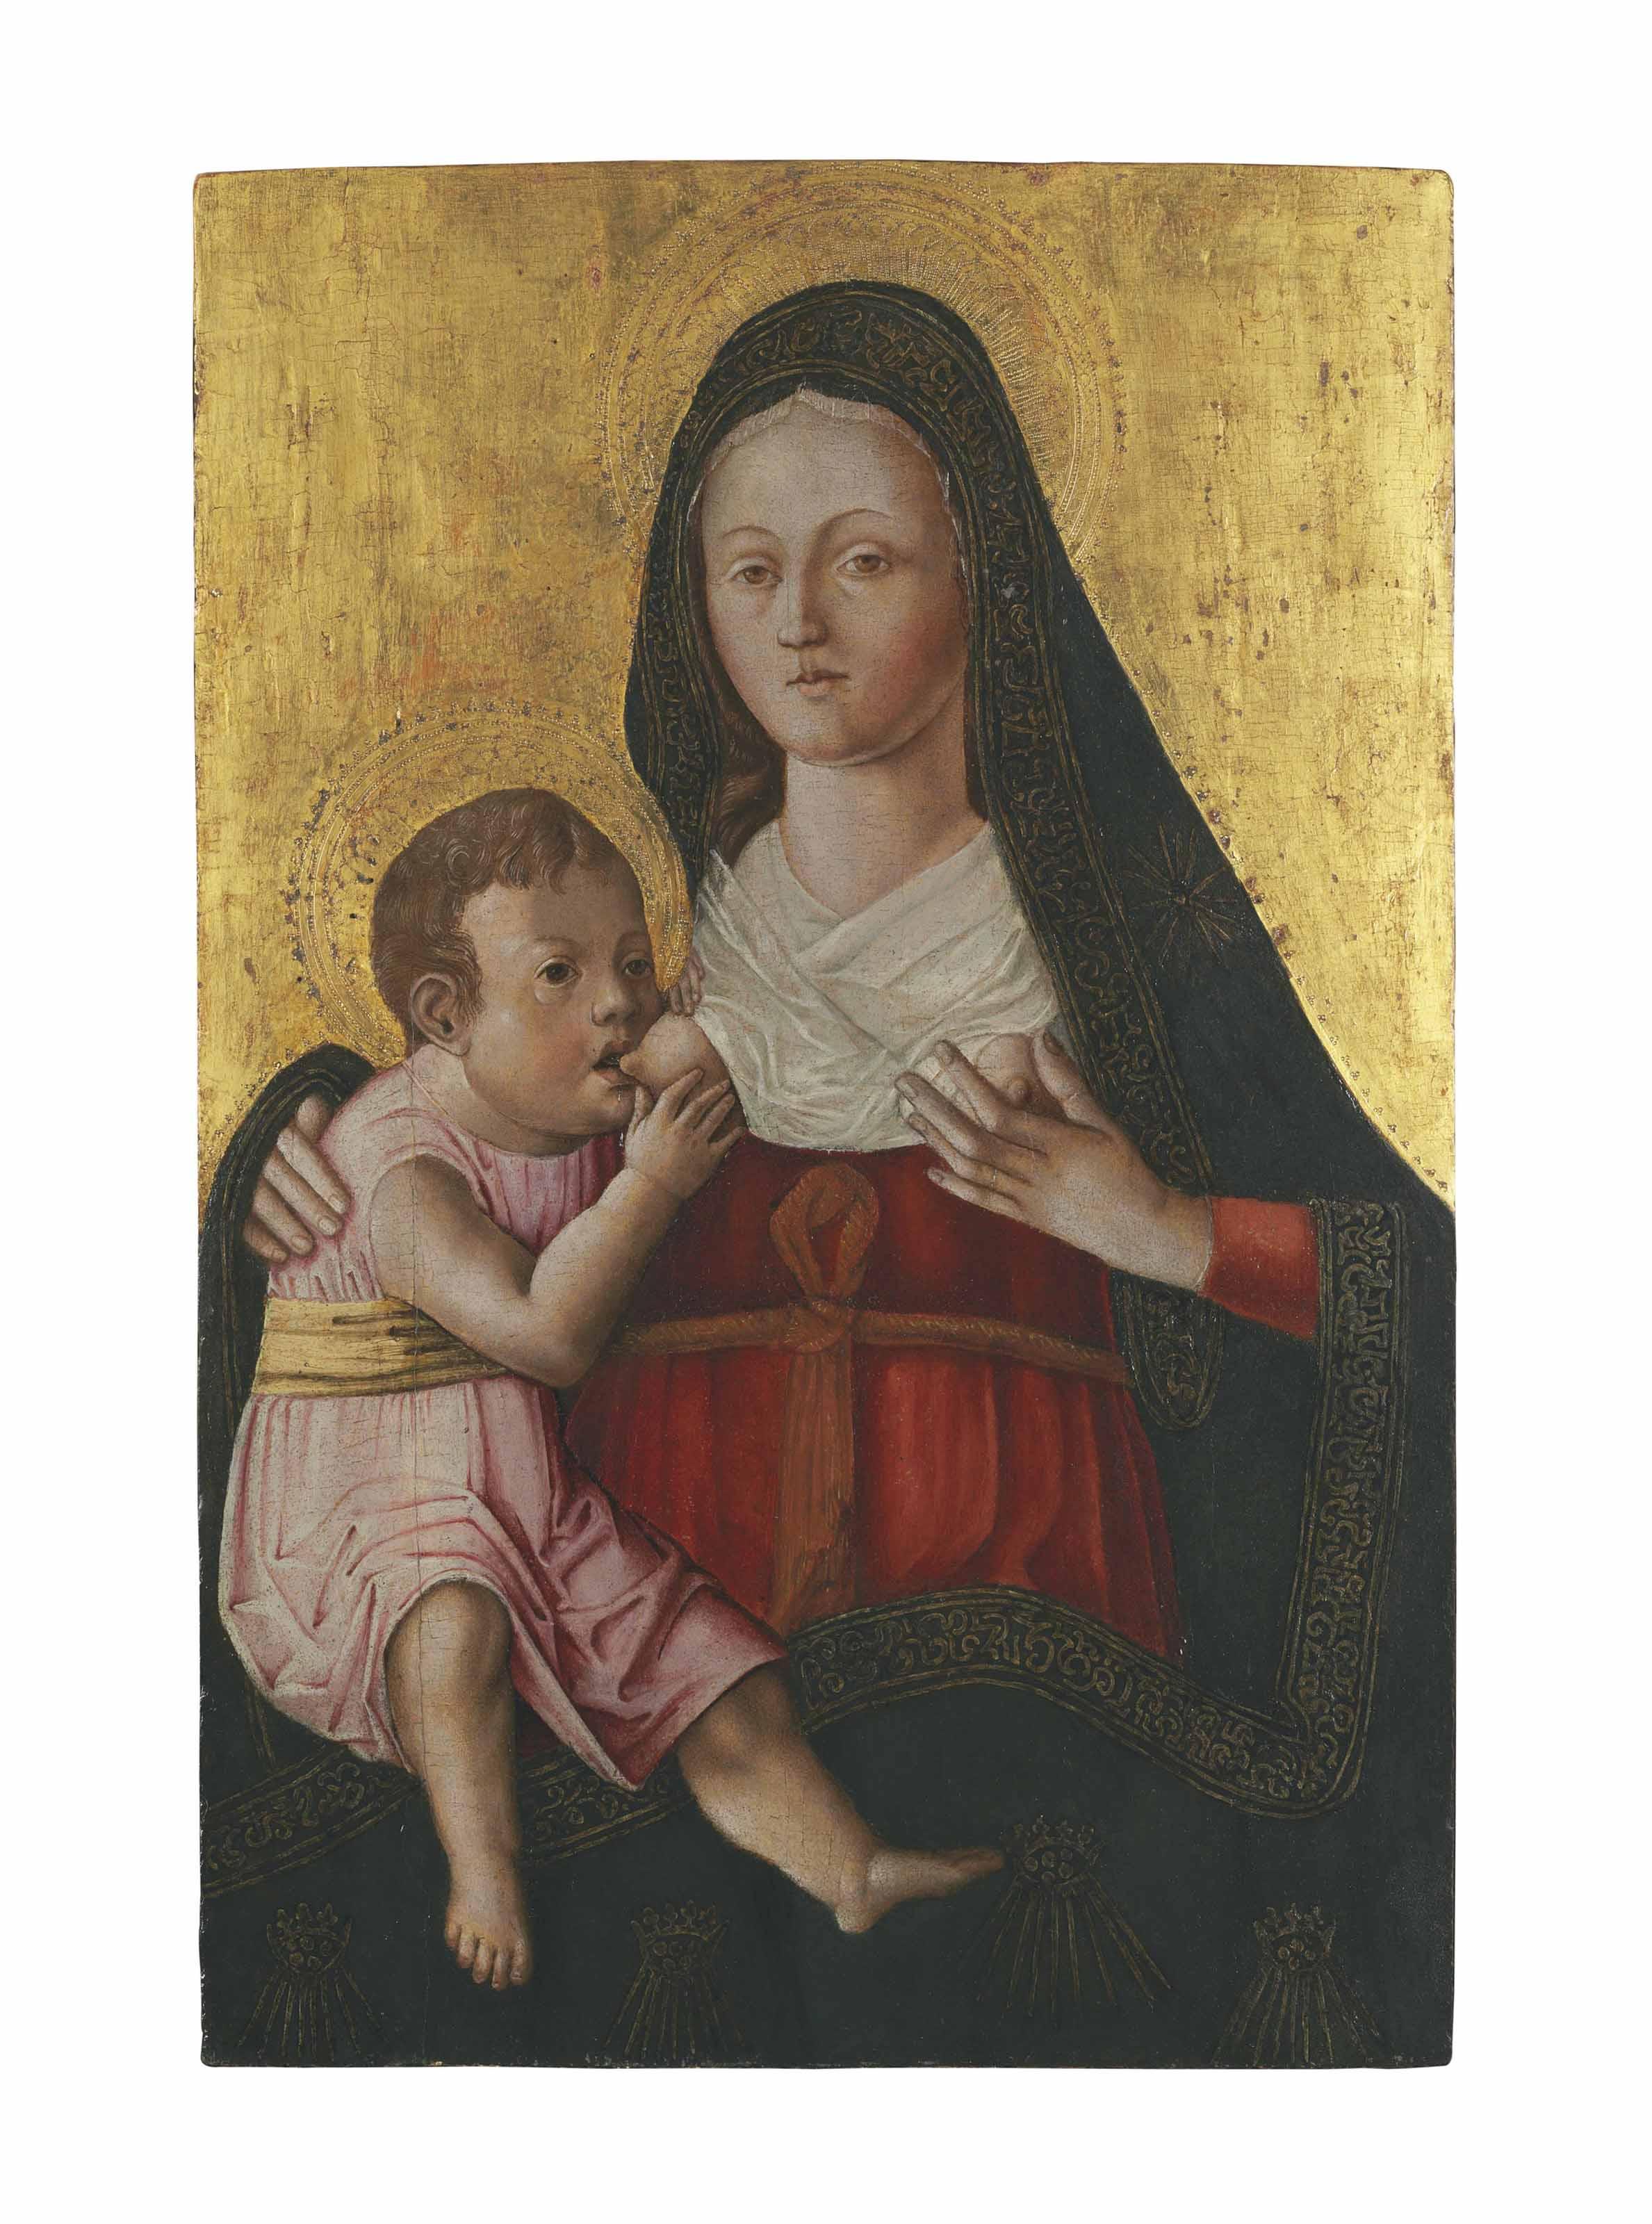 The Madonna Lactans